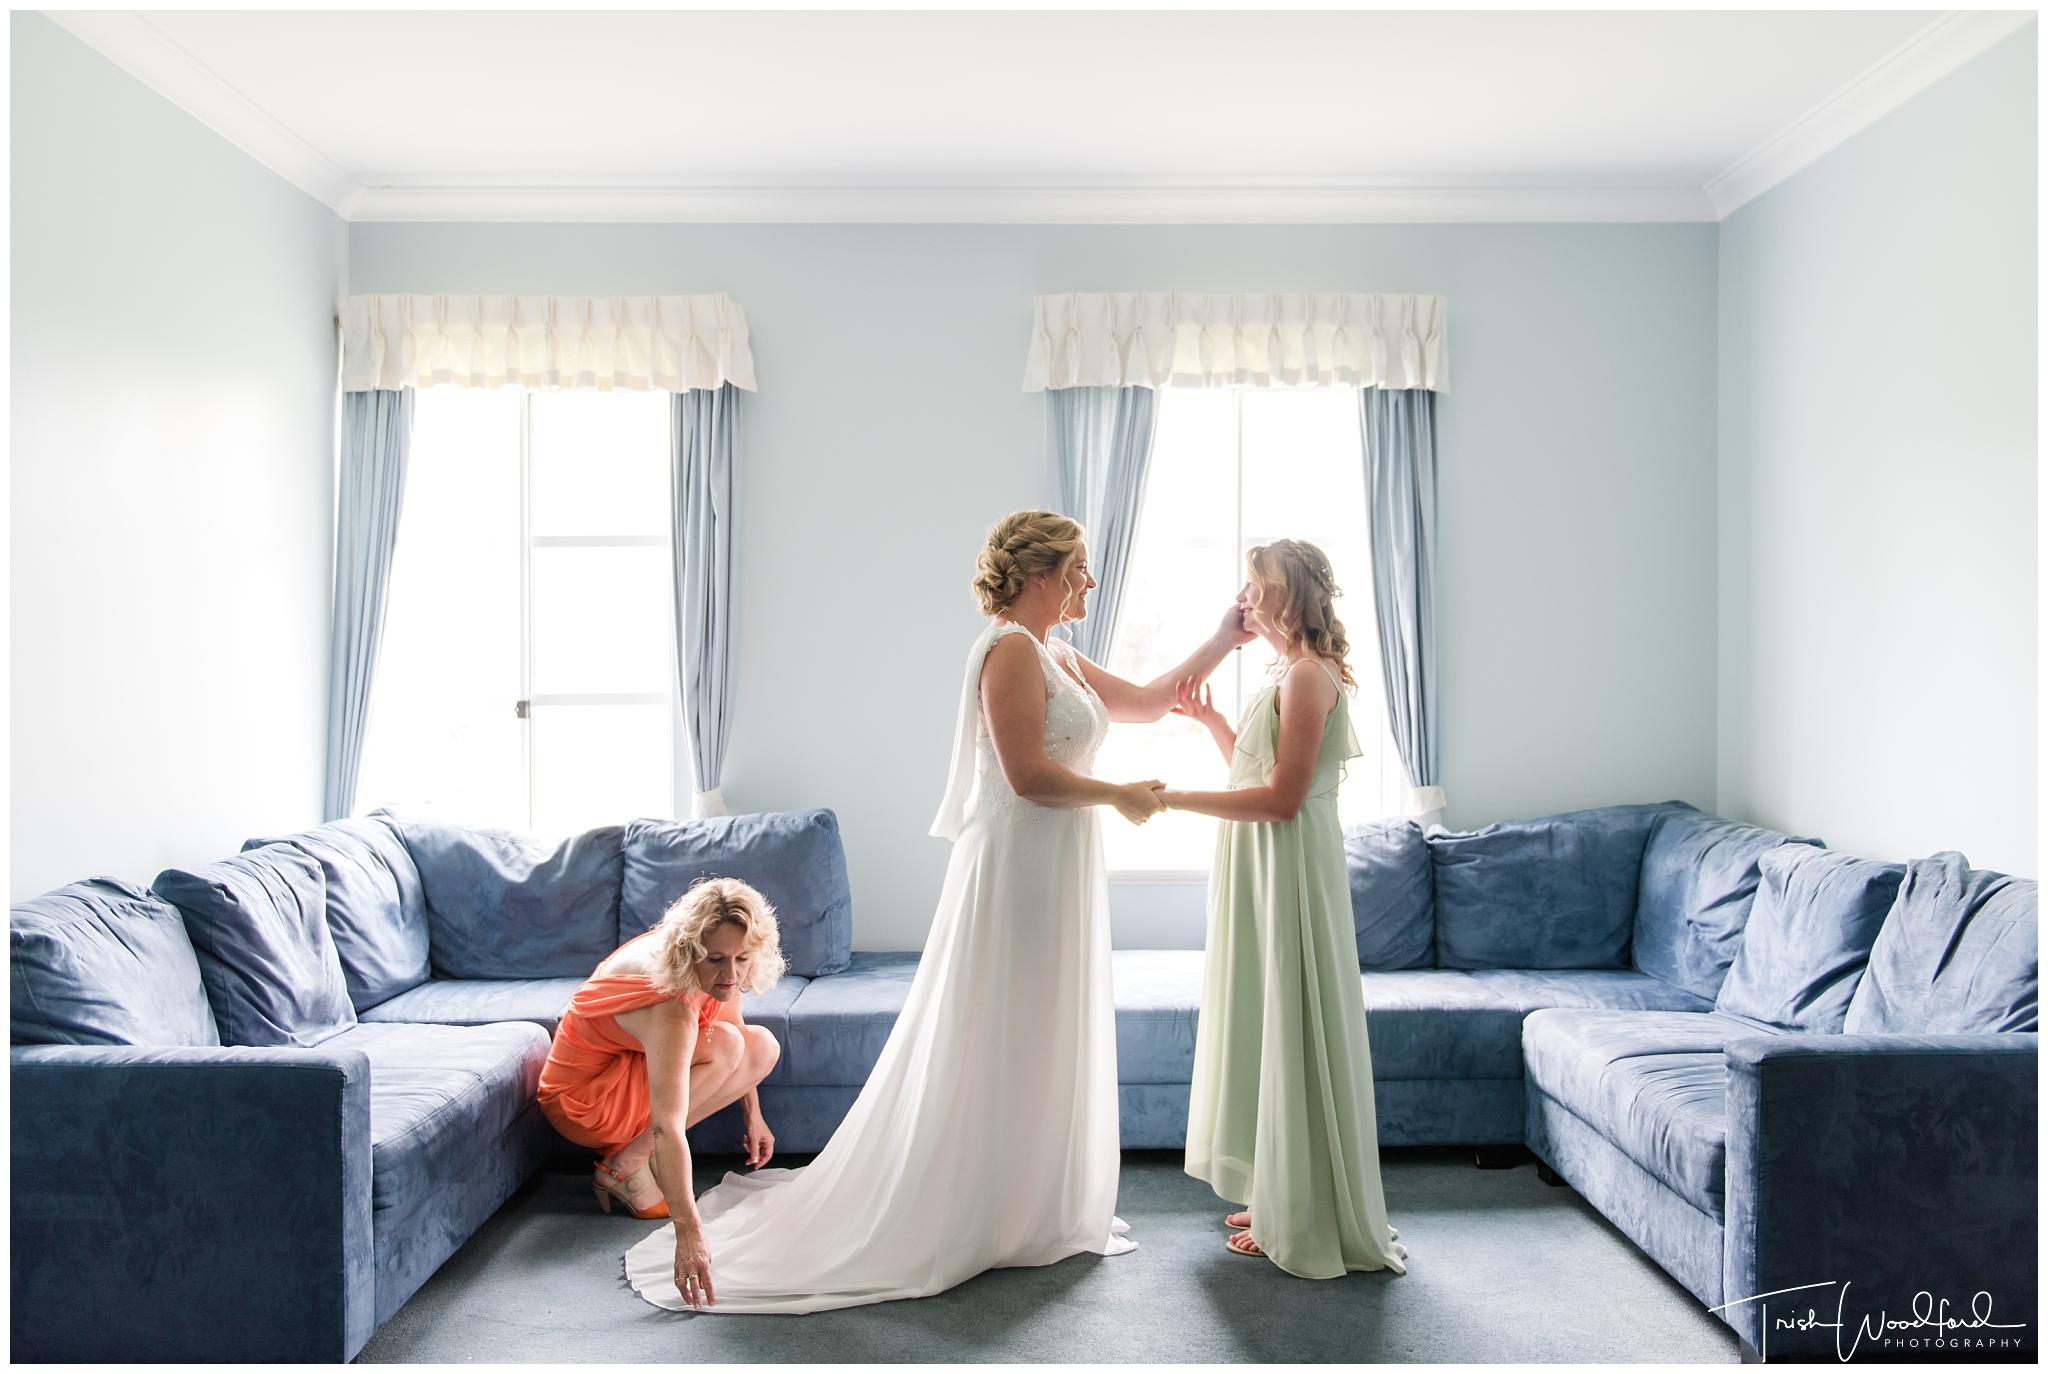 Peel Manor House Wedding Photography